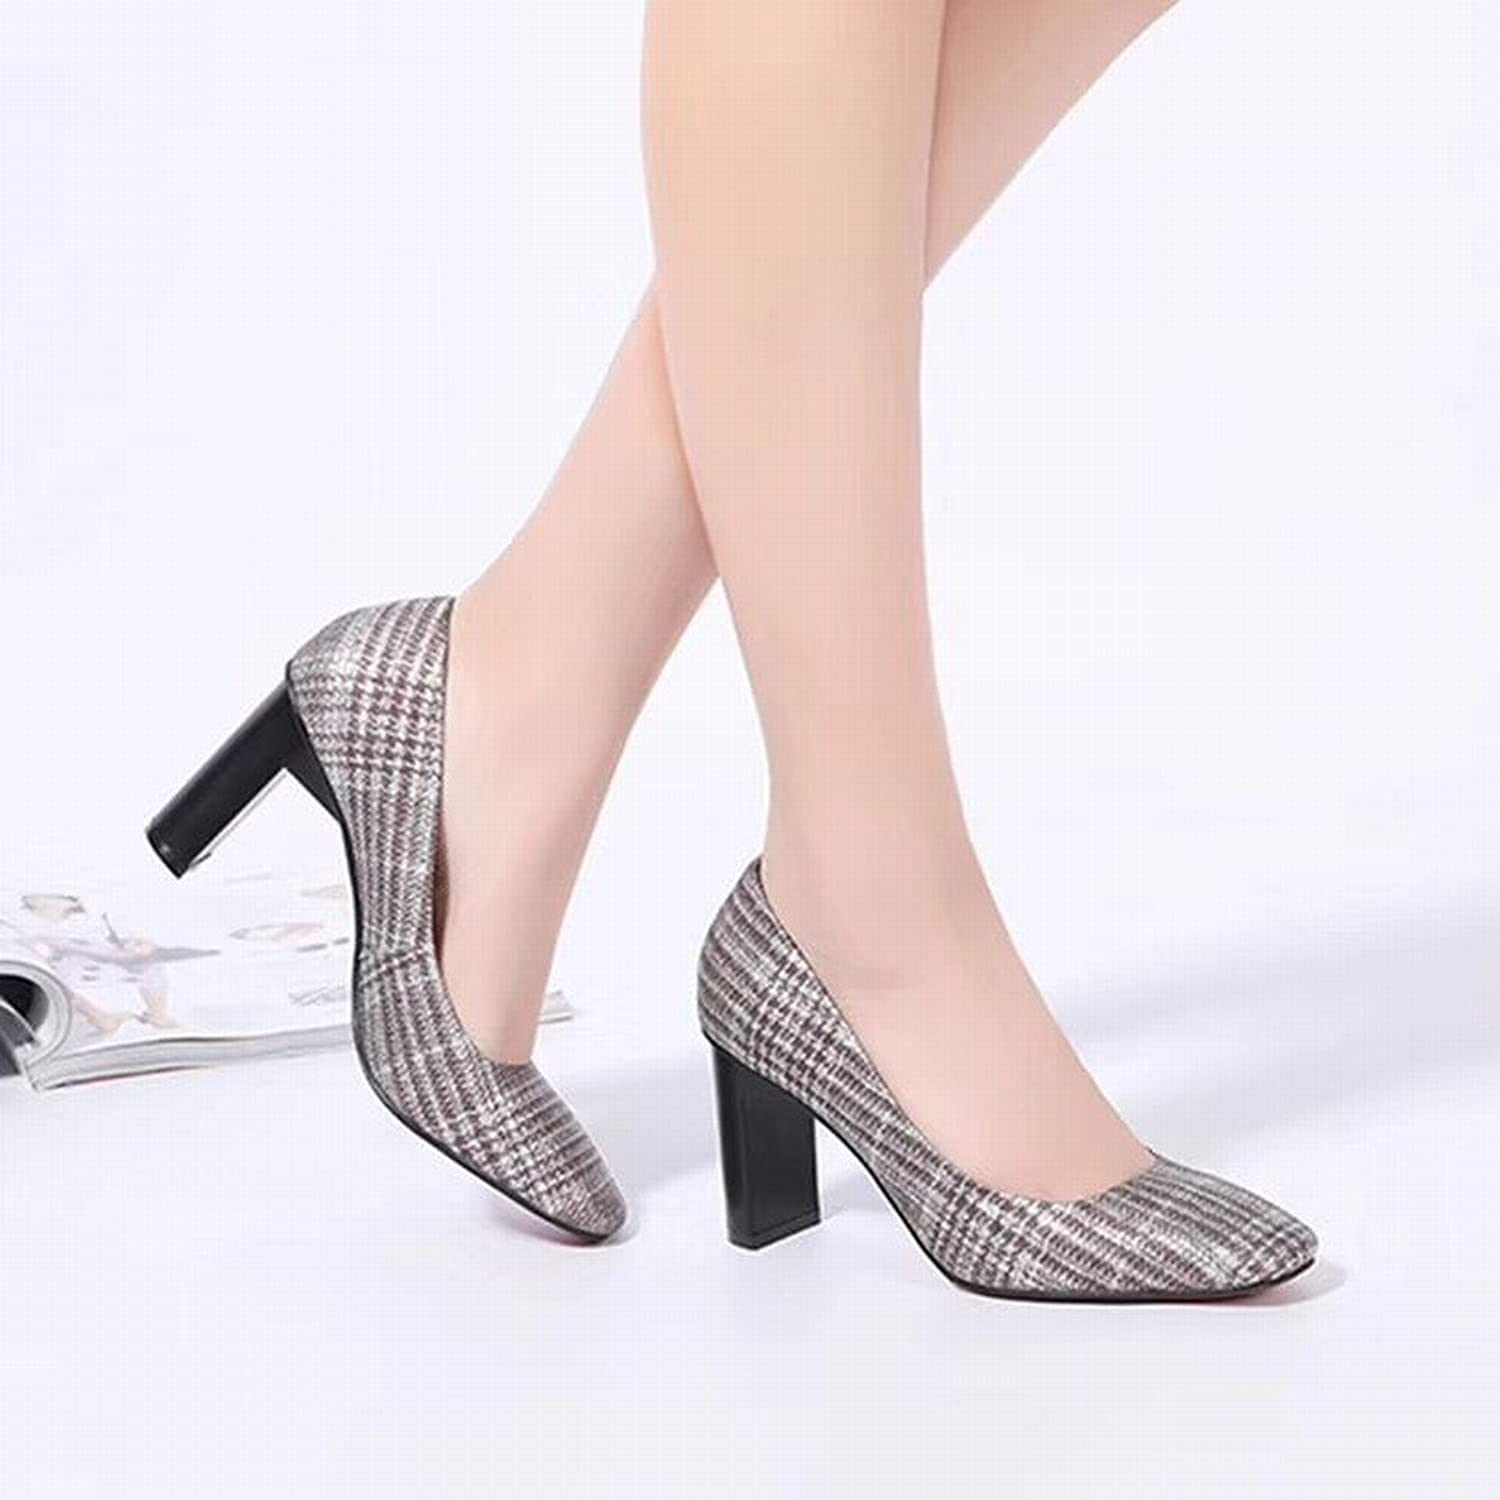 WU Japanische und Koreanische Mode Schuhe Frühjahr und Sommer Frauen 'S Quadrat Rau mit Hochwertigen Leder Schuhe Frauen' S Schuhe High Heels B07LBSCF9W  Menschliche Grenze